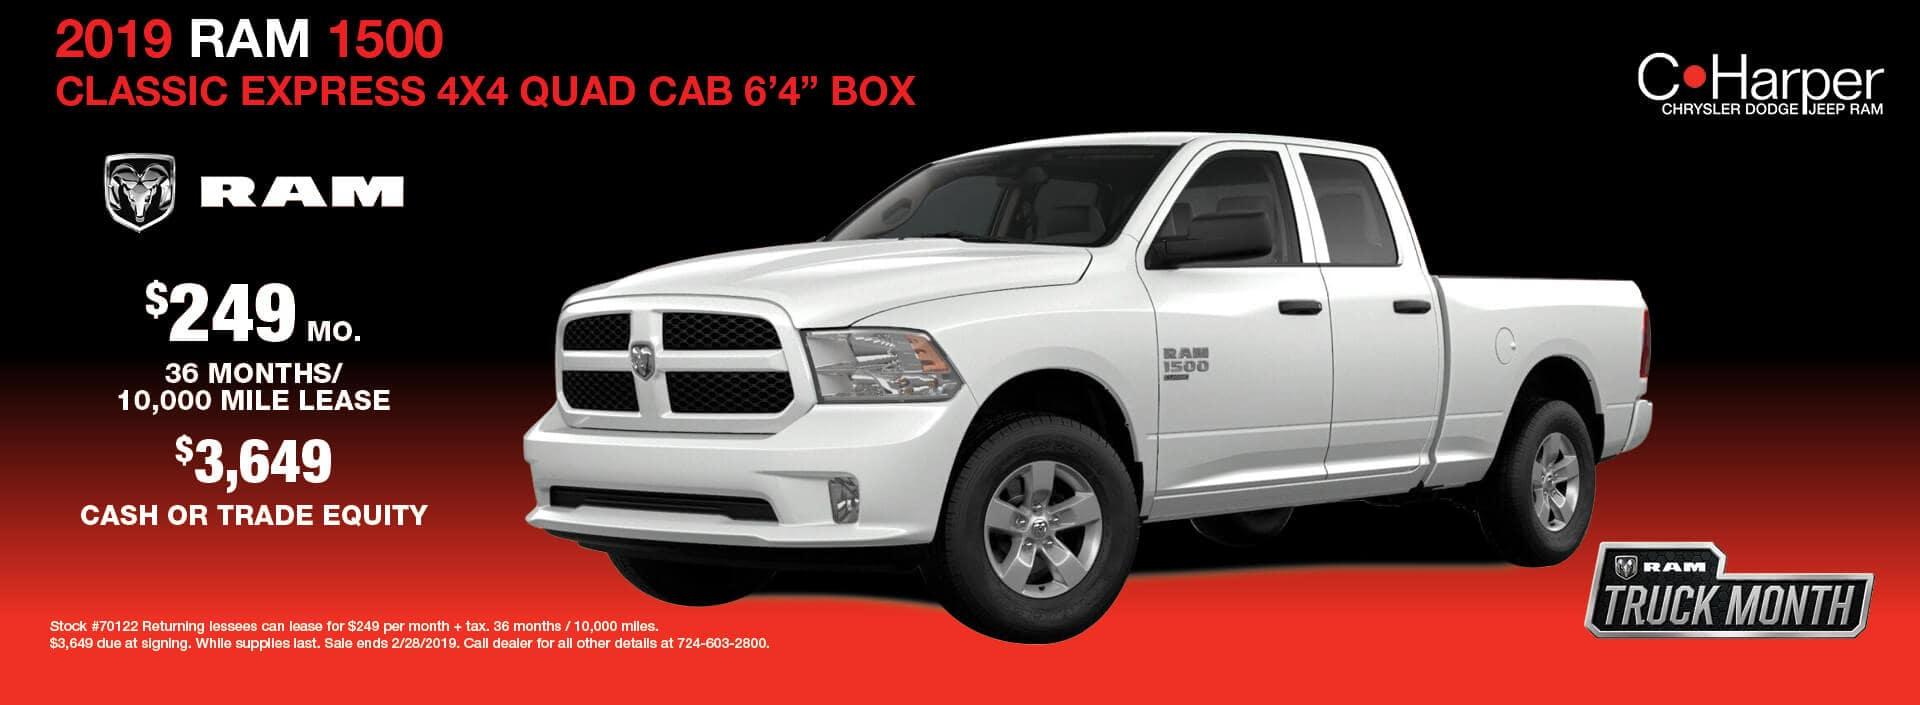 """2019 Ram 1500 Classic Express 4×4 Quad Cad 6'4"""" Box"""